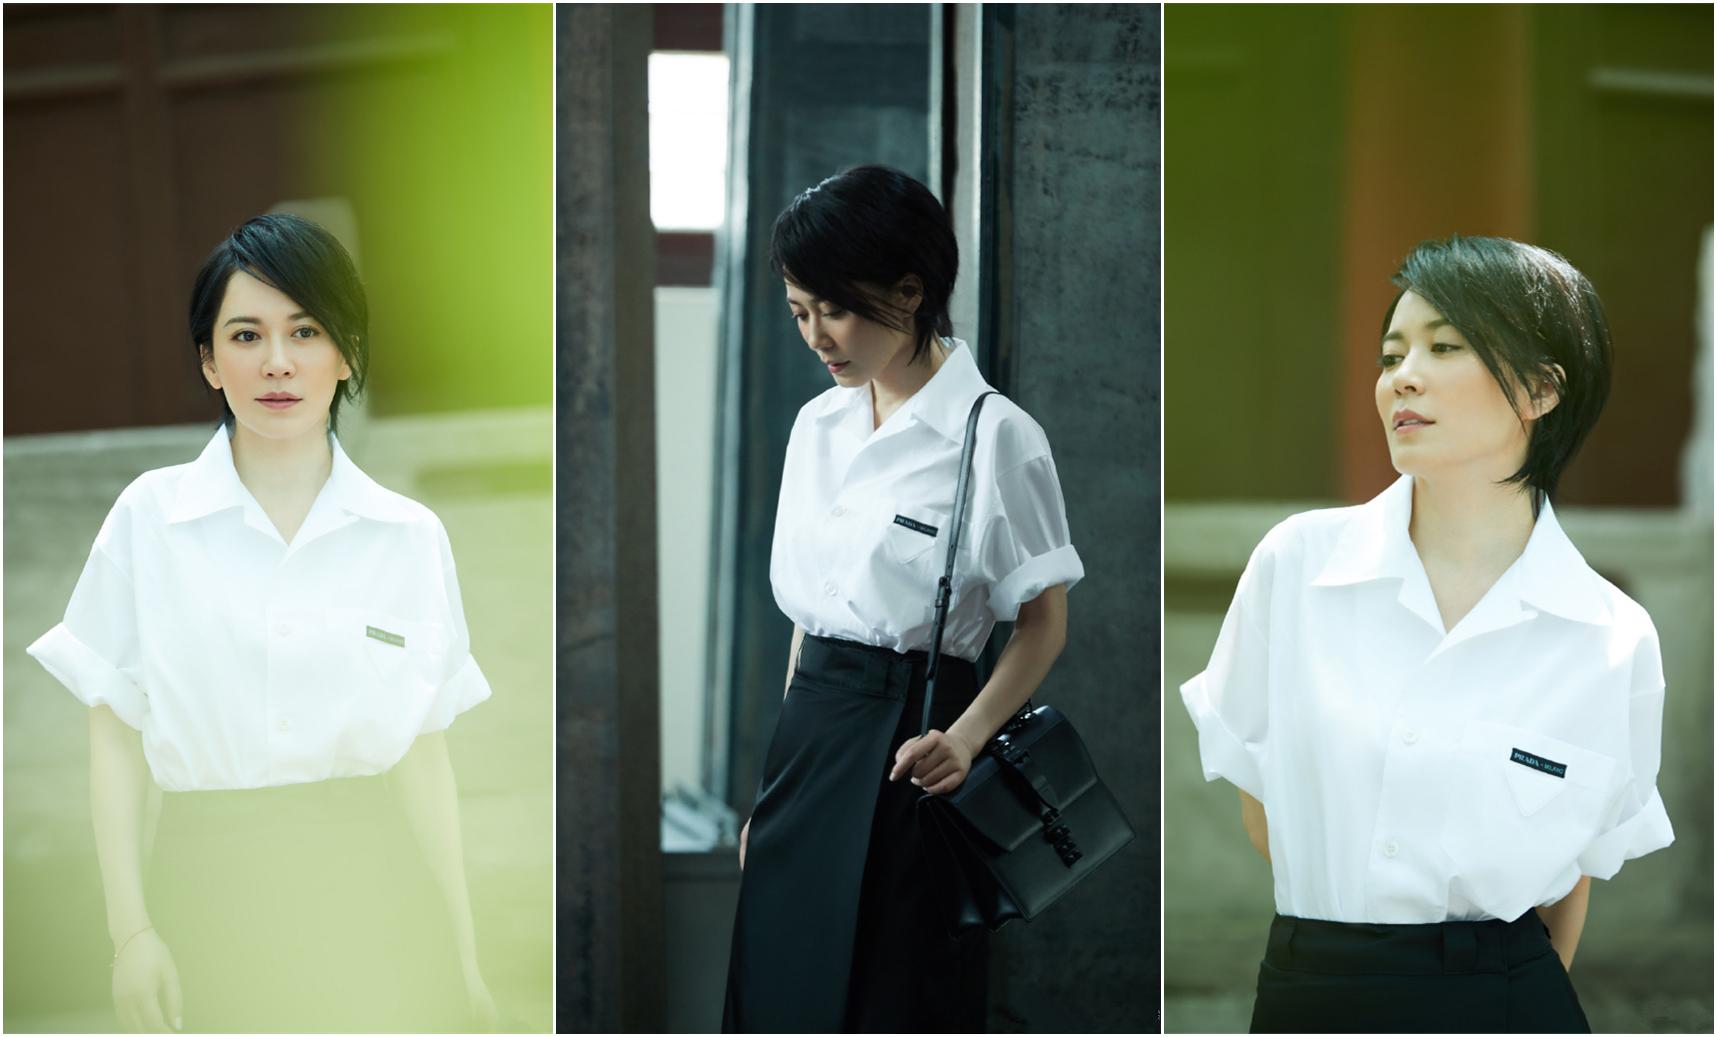 """今年夏天""""老爸风""""衬衫火了,俞飞鸿刘诗诗都在穿,遮肉又时髦"""